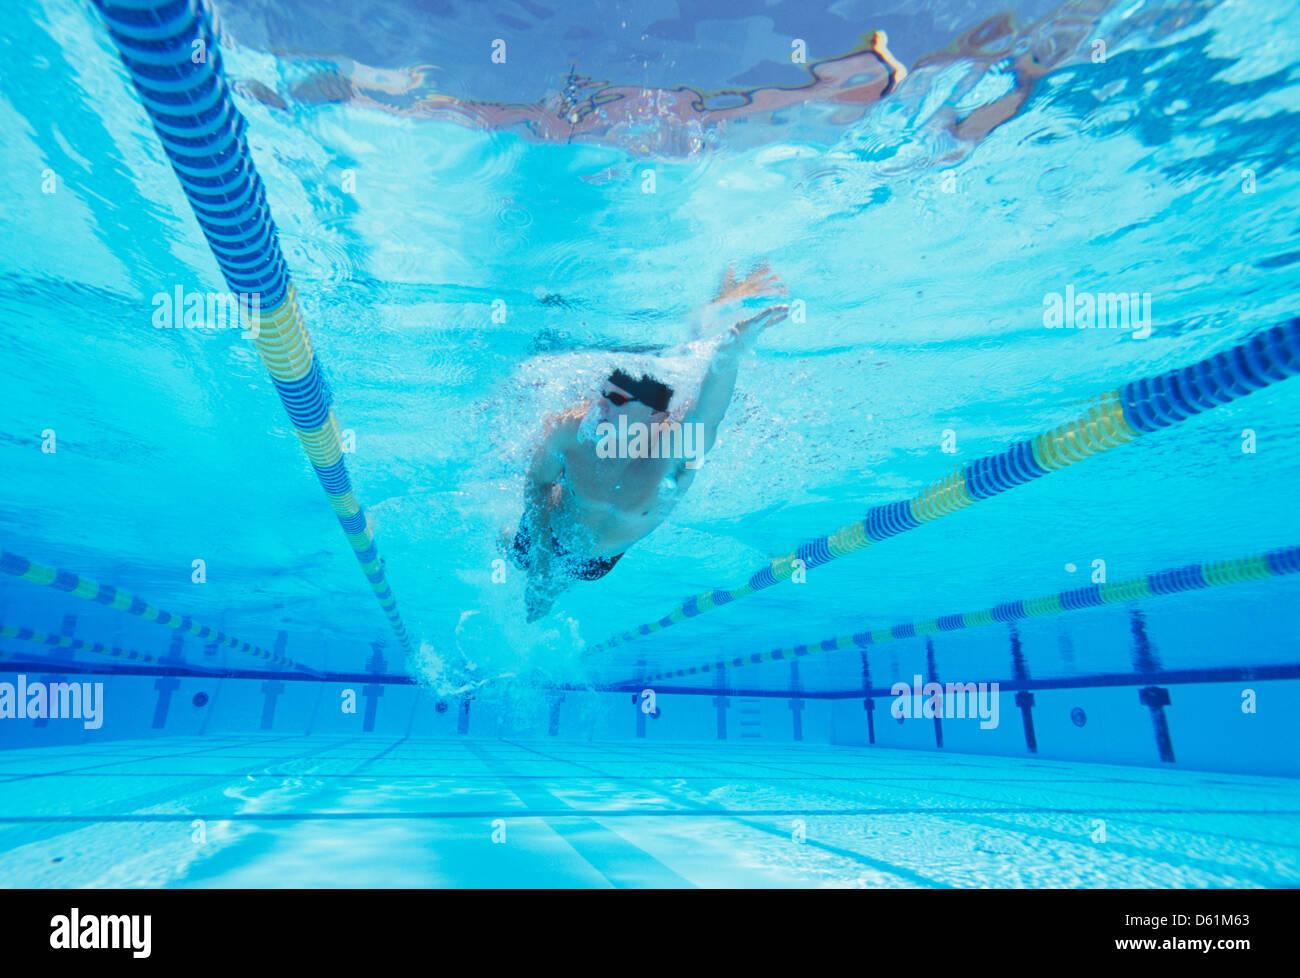 Riprese subacquee di giovane maschio thlete nuoto in piscina Immagini Stock